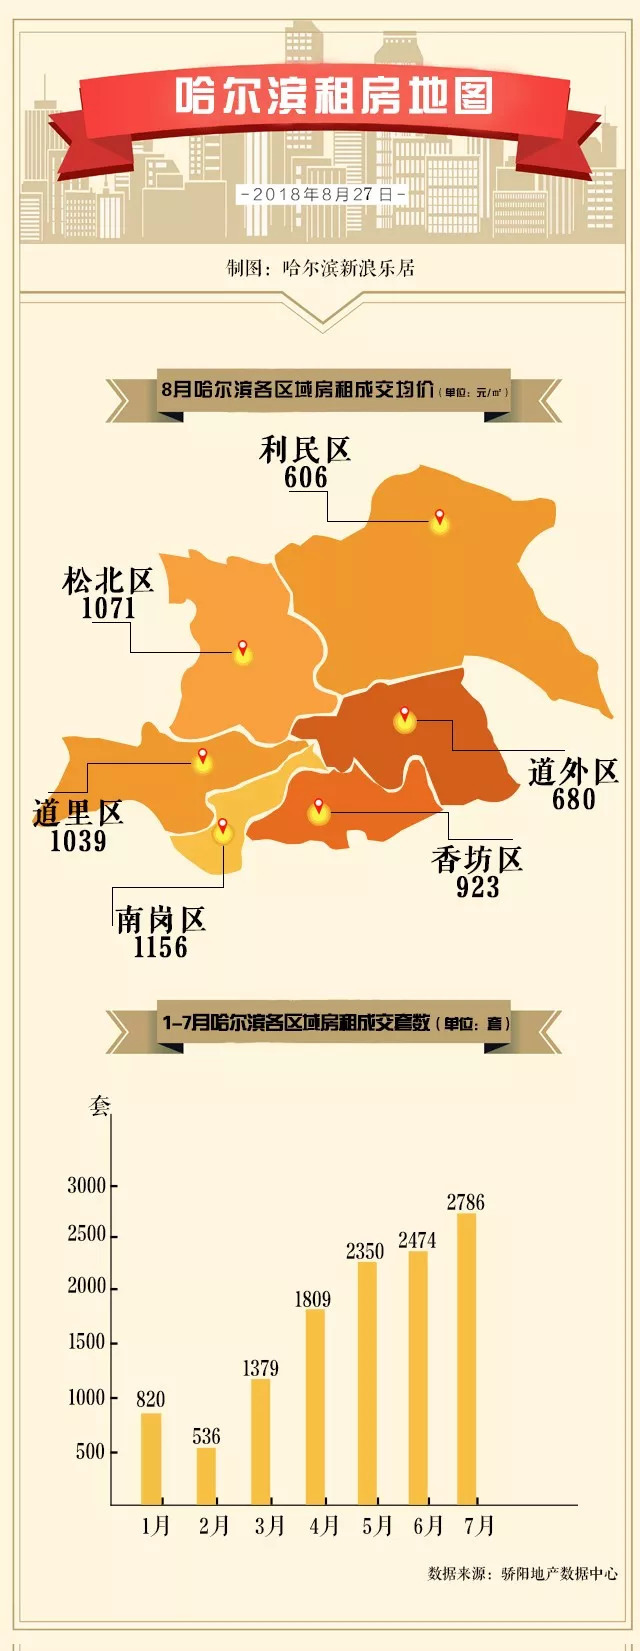 哈尔滨哈西大街 风口浪尖的房租暴涨,会蔓延至冰城吗?一张图看清哈尔滨主要区域